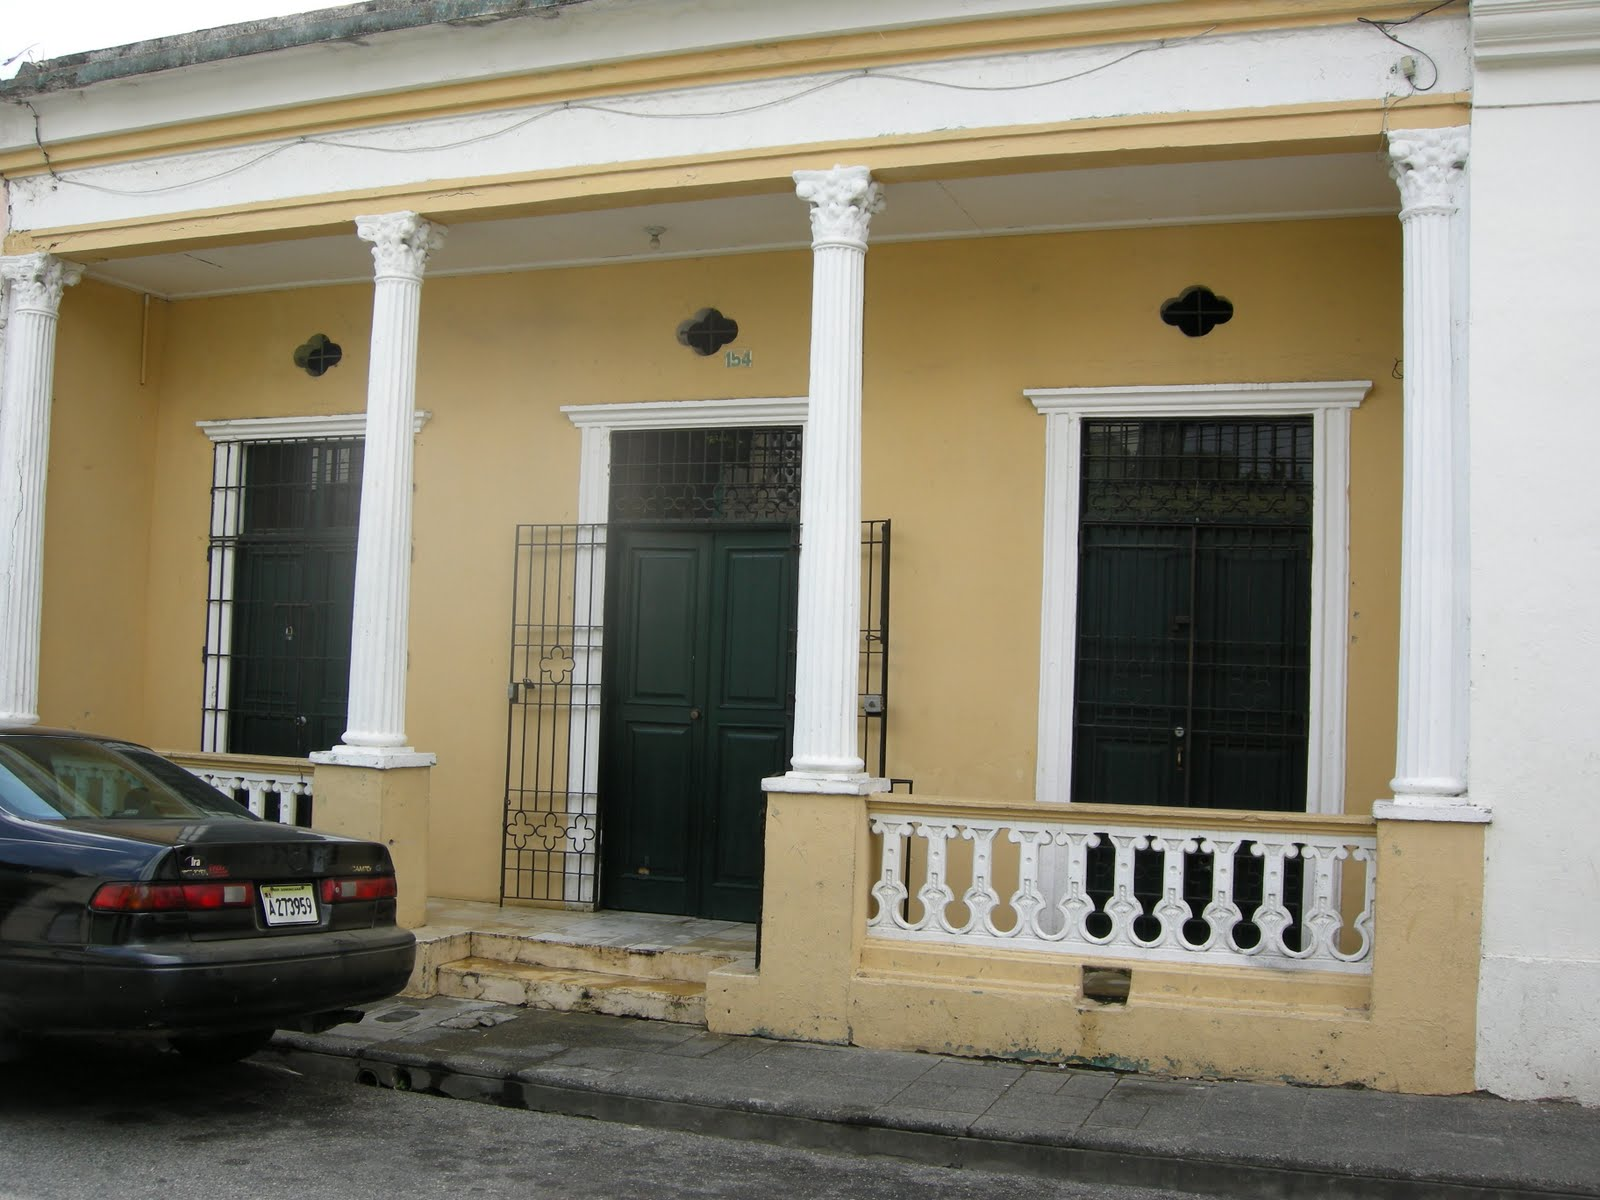 Francimo agence immobilier vente maison d habitation sur for Vente habitation